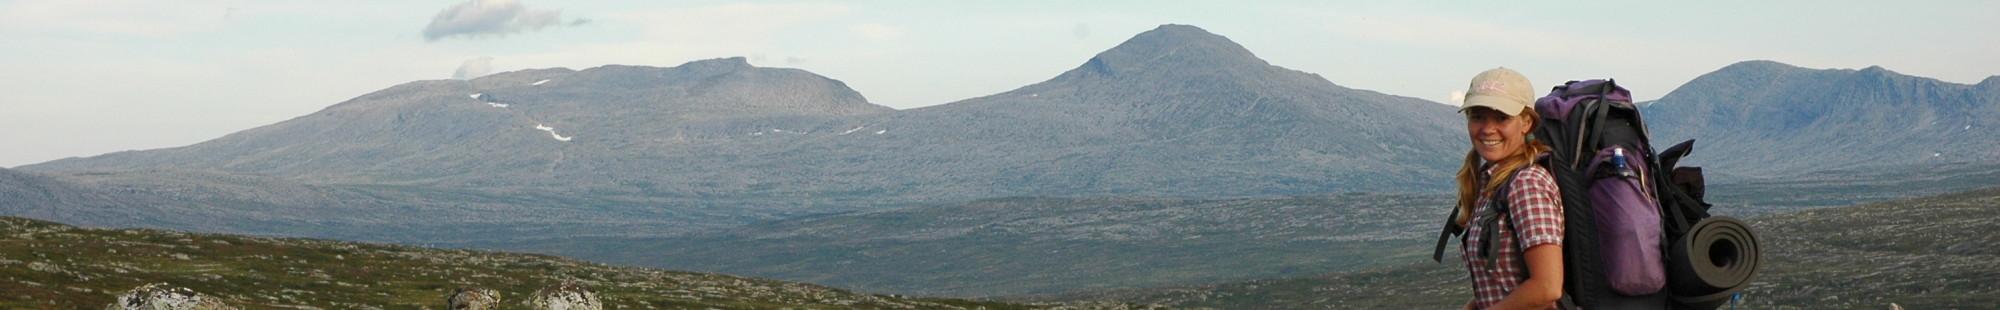 folk-i-fjell7-lillian-i-hgfjellet-e1423573624223